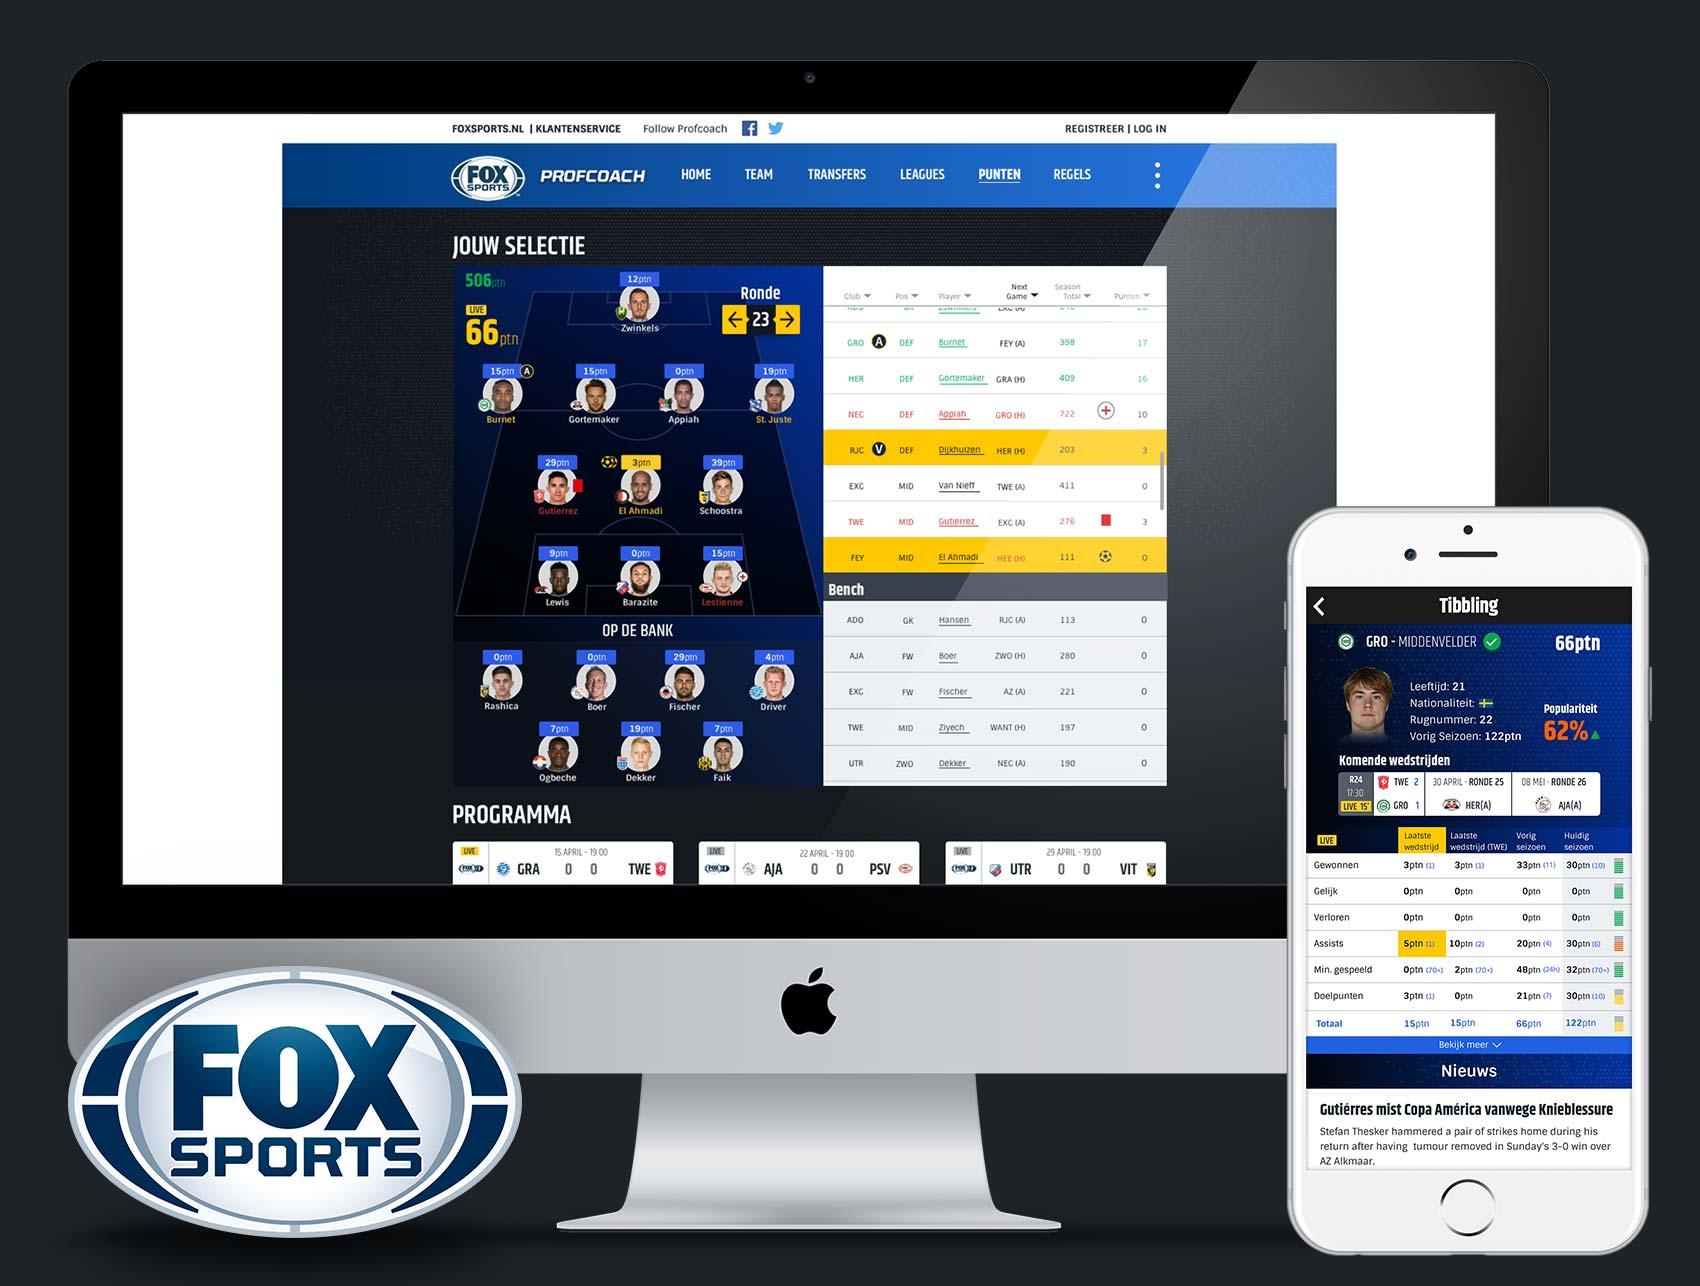 Fox Sports: Profcoach Fantasy Football